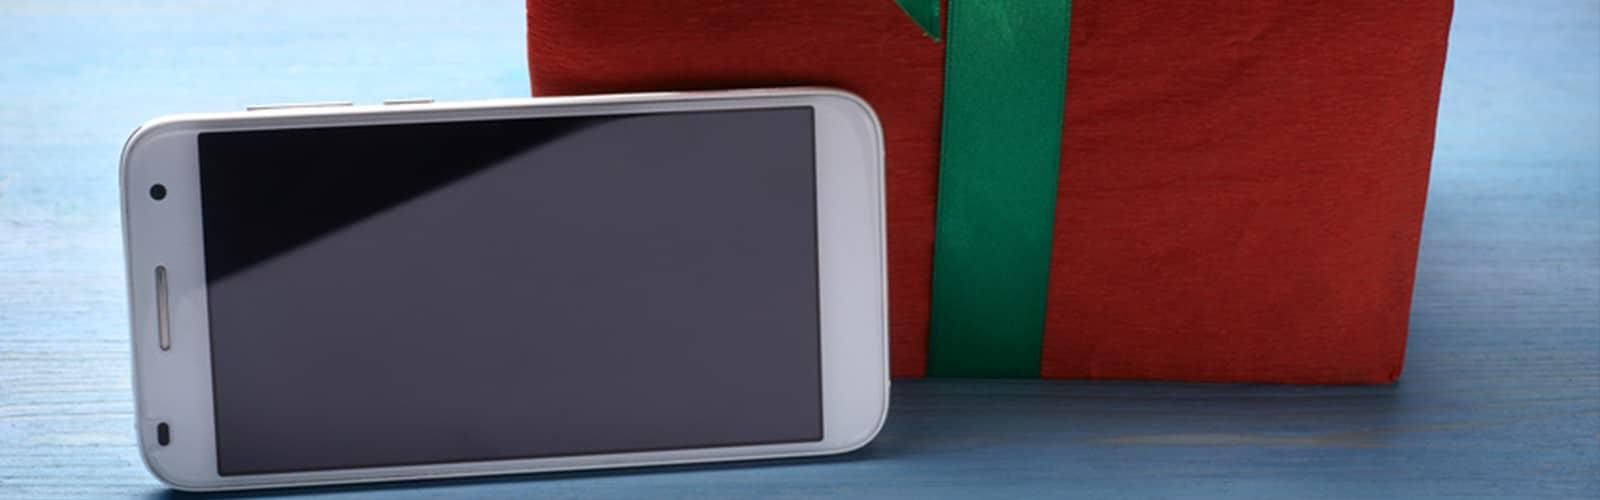 Préparez votre campagne SMS pour Noël